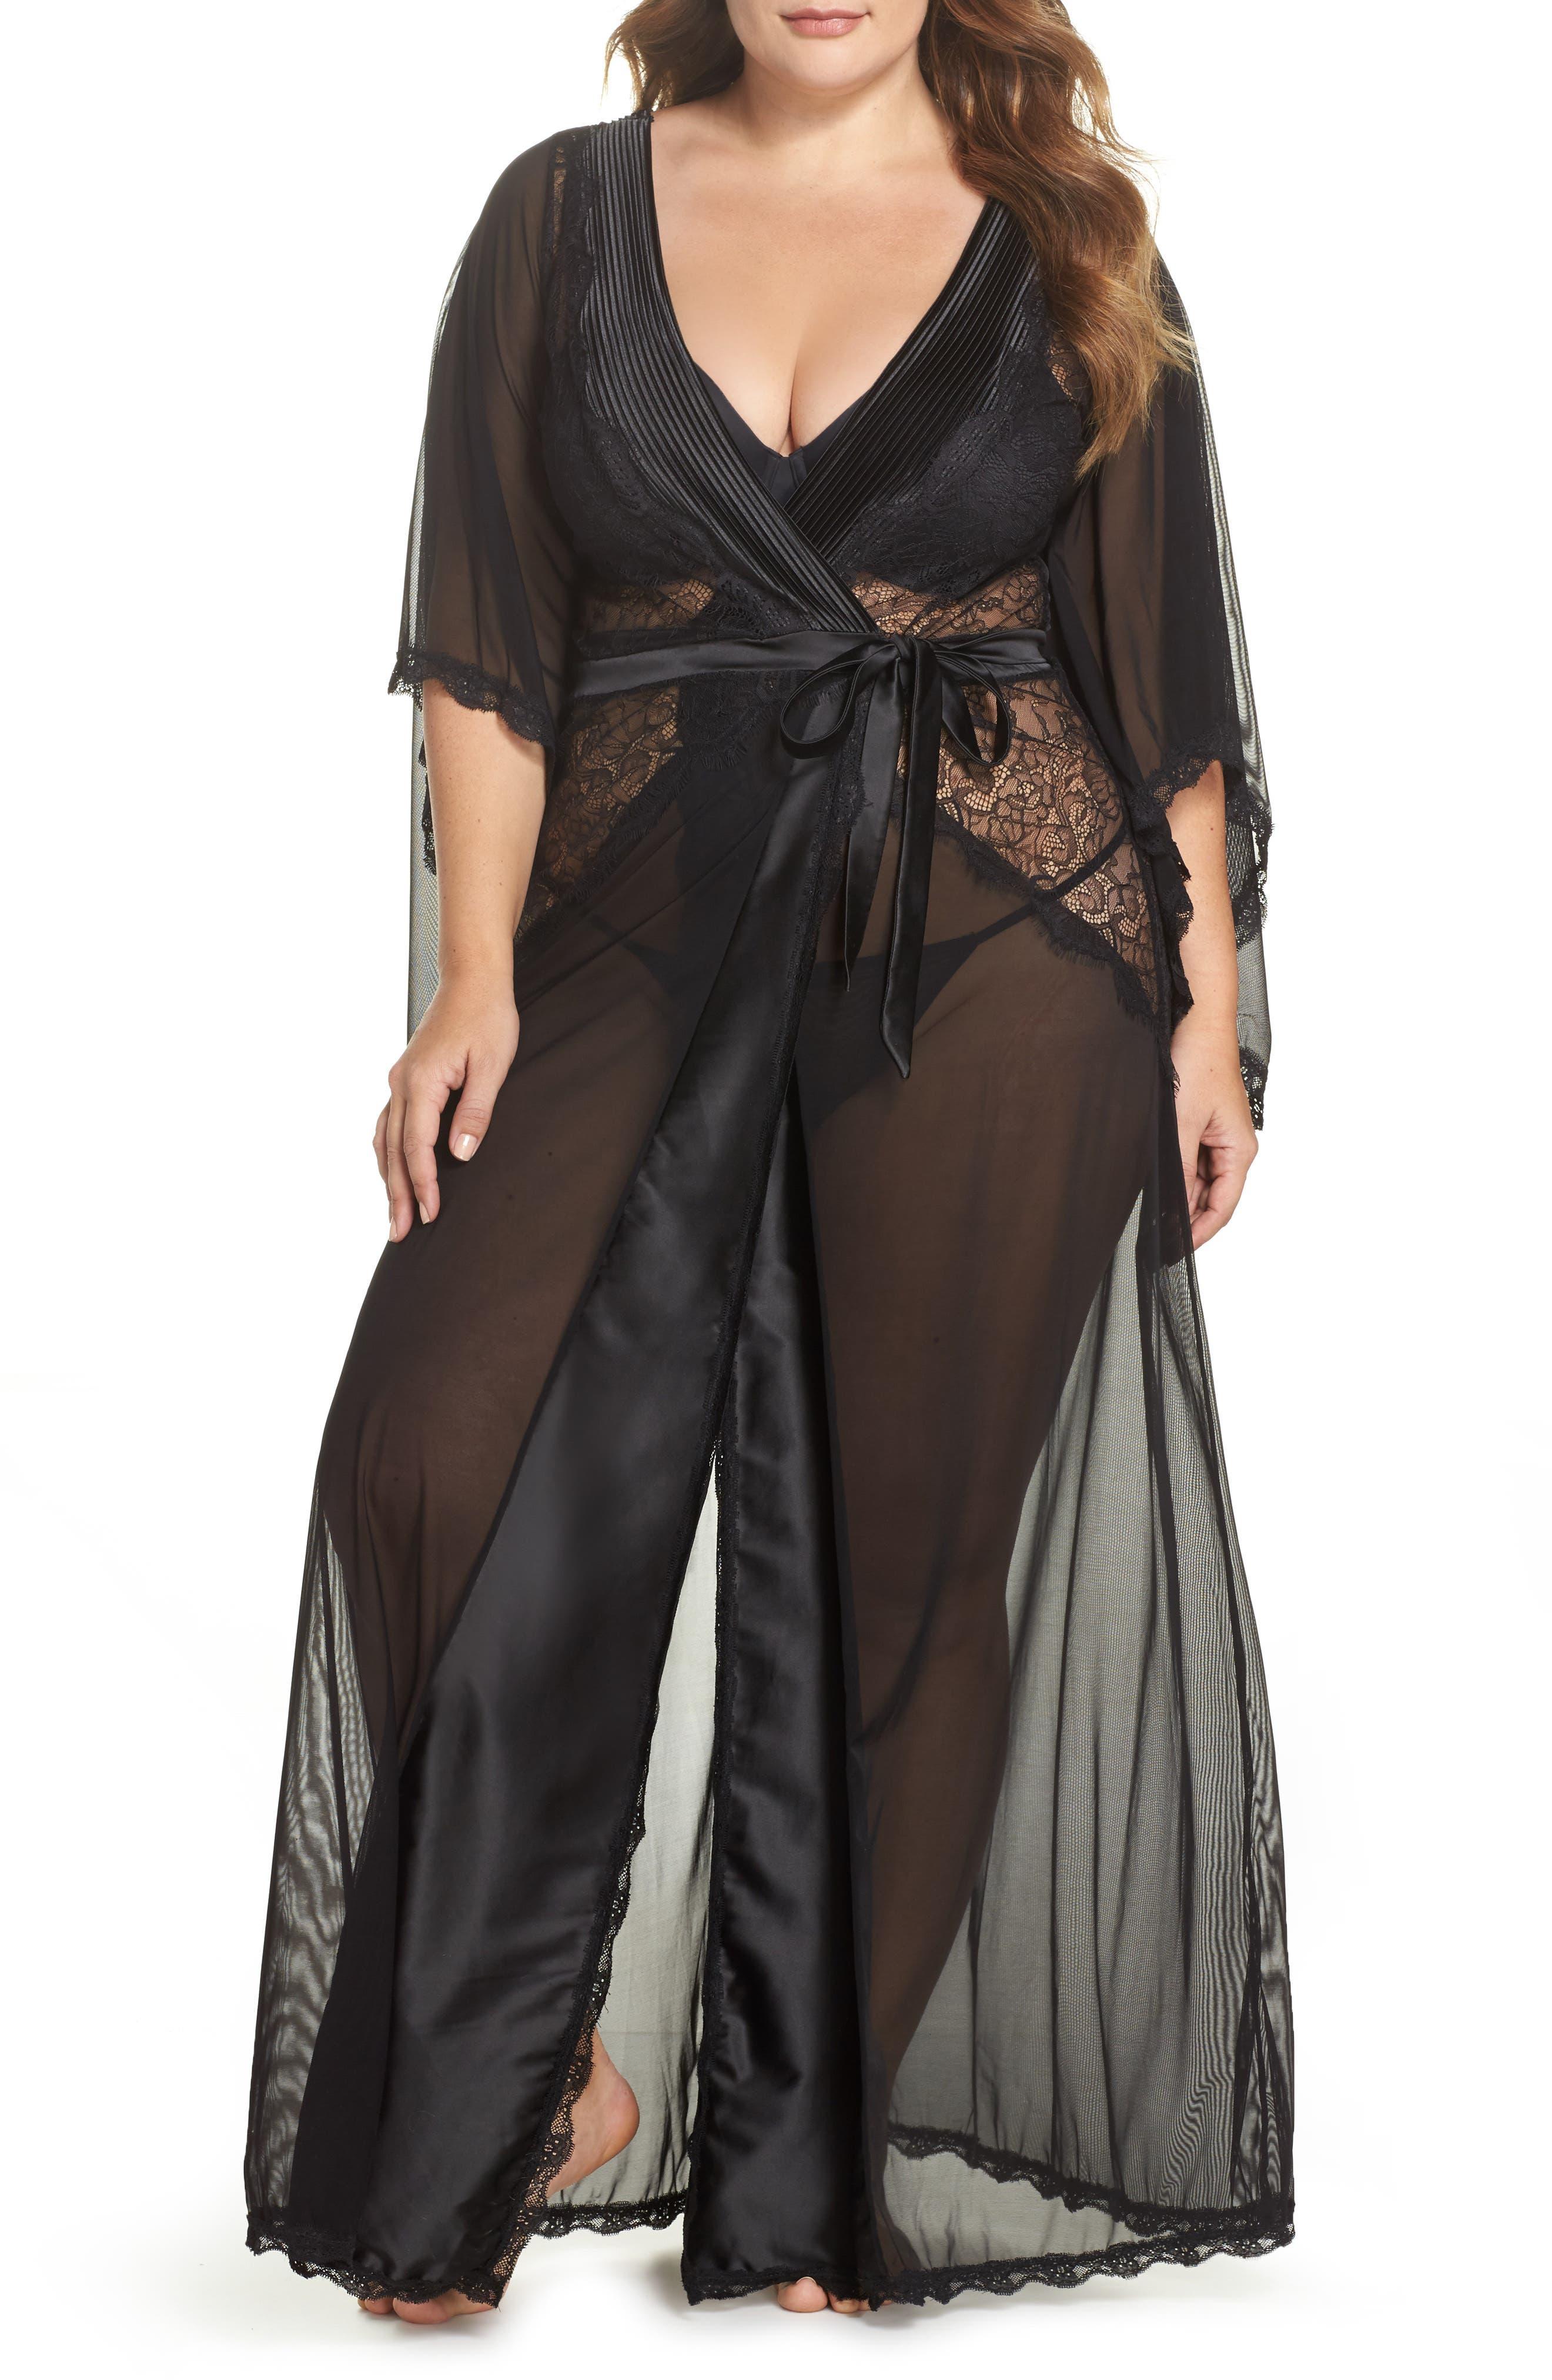 Nicolette Sheer Robe & G-String,                             Main thumbnail 1, color,                             BLACK